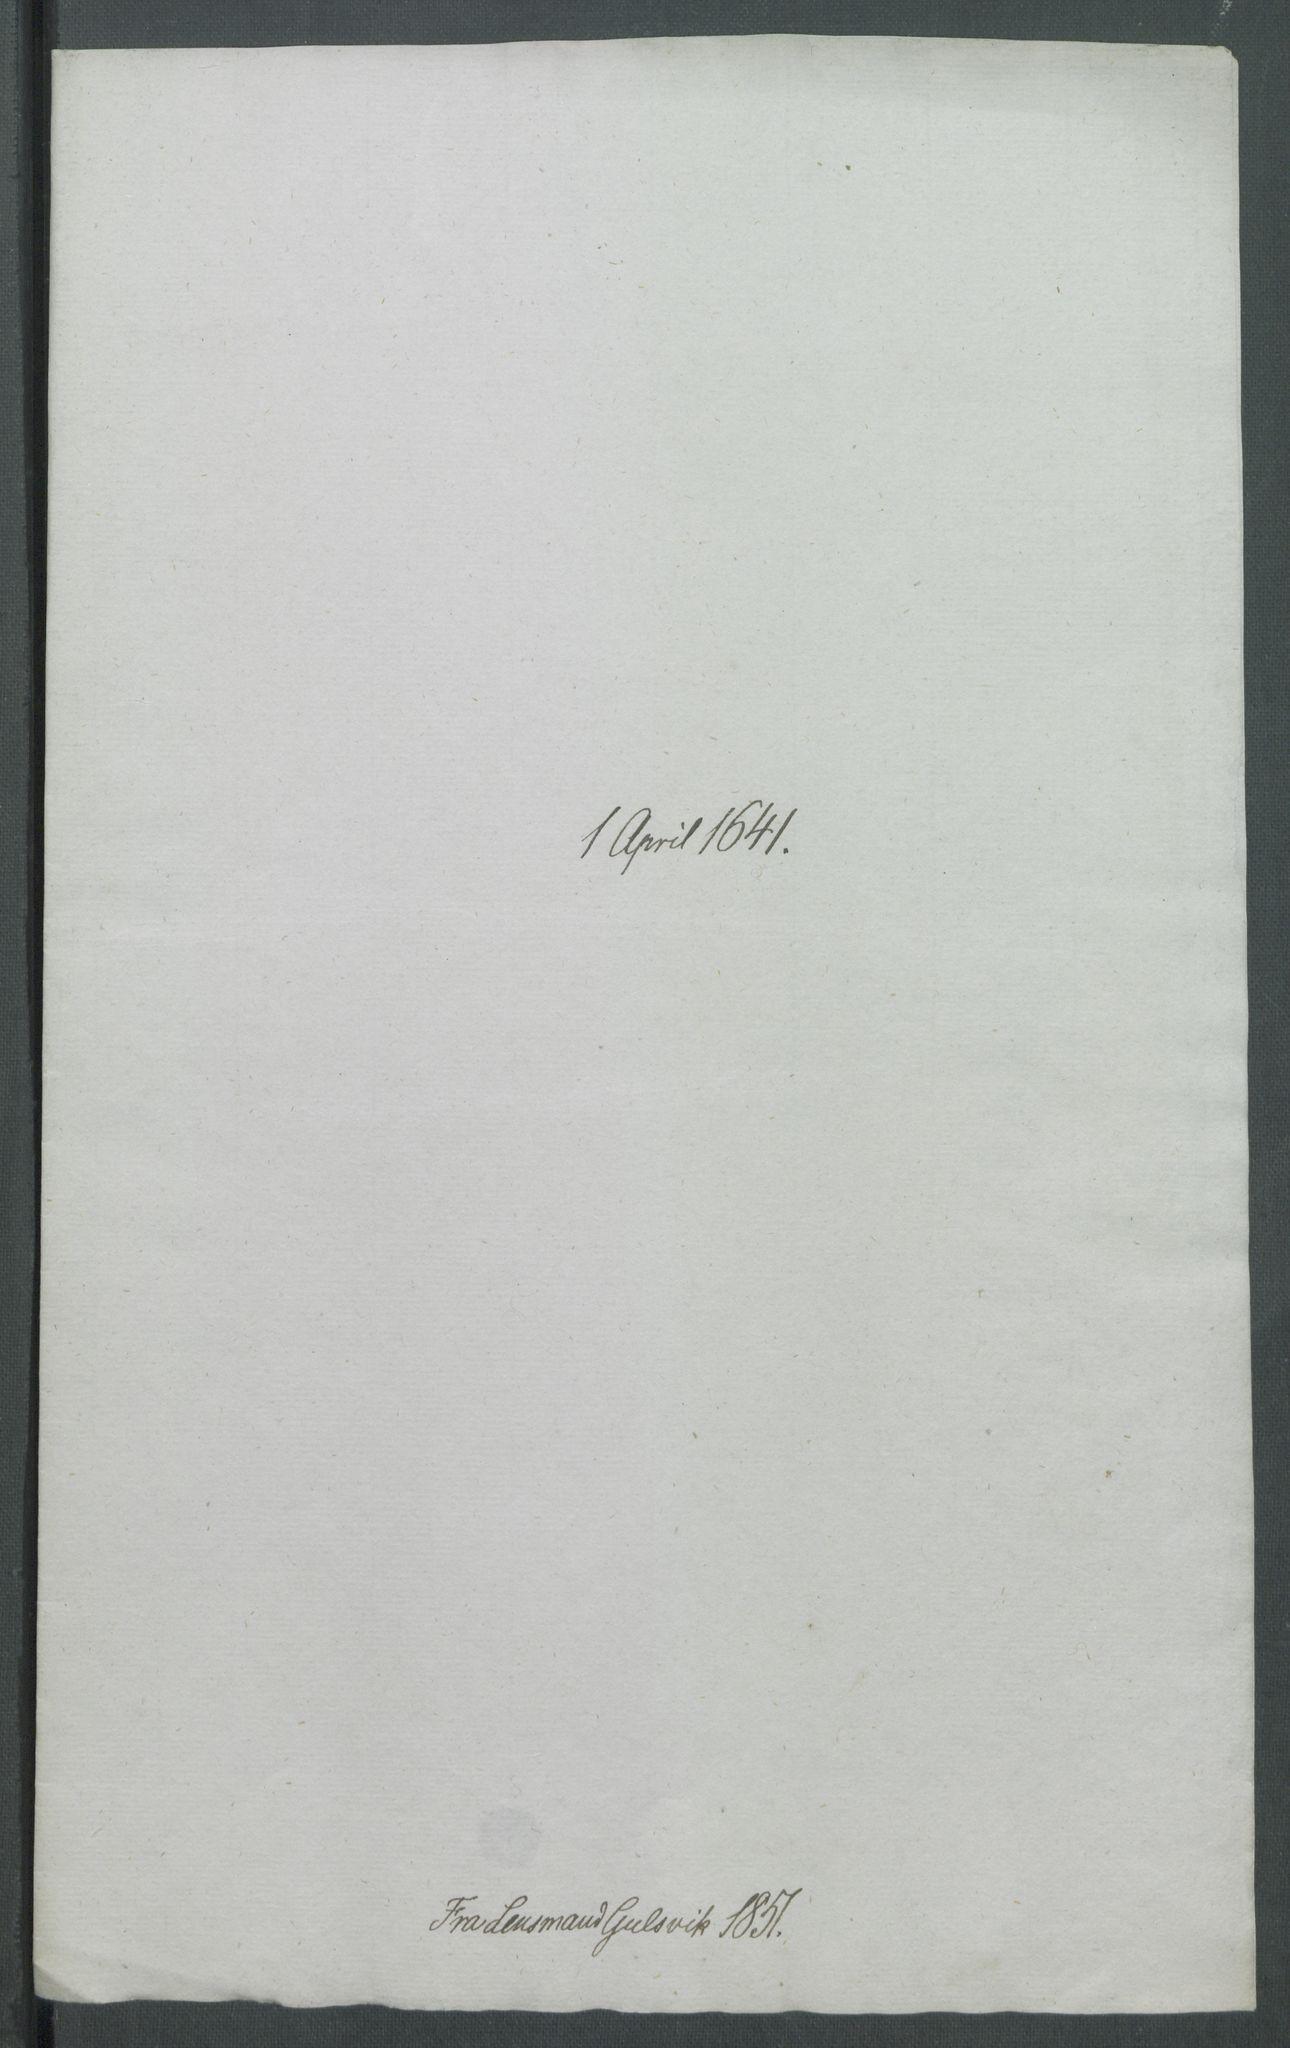 RA, Riksarkivets diplomsamling, F02/L0154: Dokumenter, 1641, s. 16